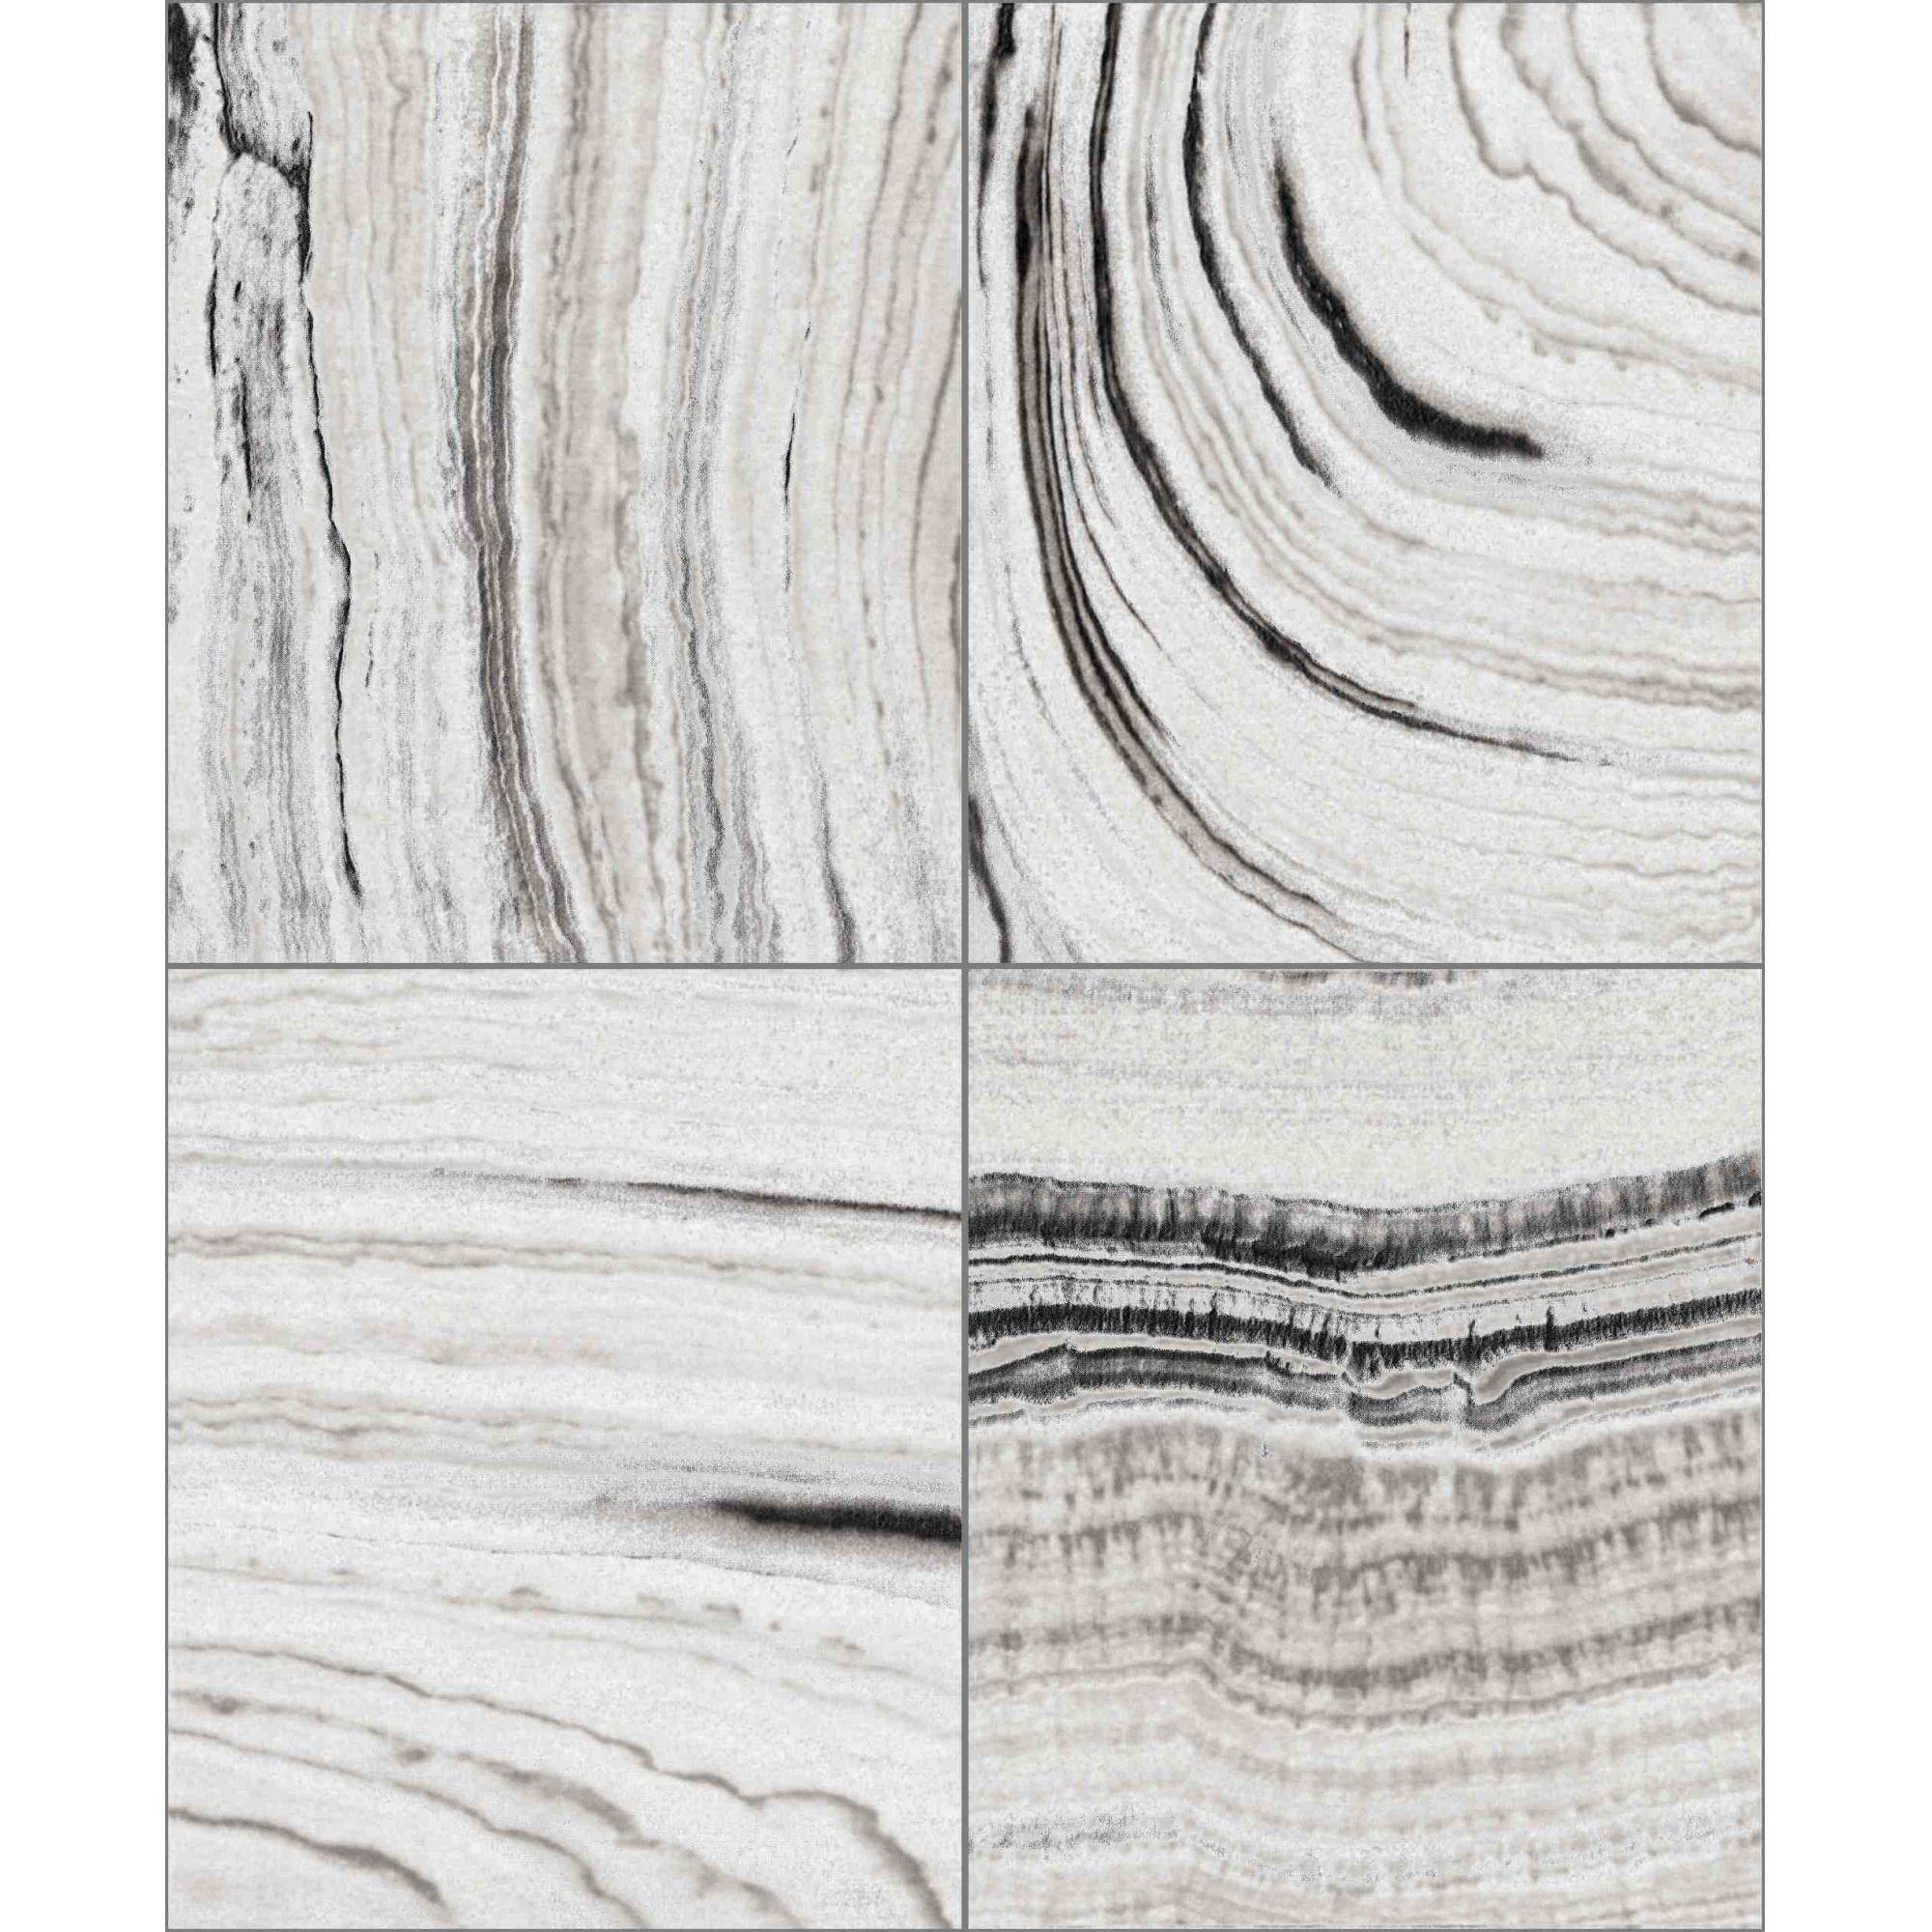 Papel de Parede Kan Tai Vinílico Coleção Neonature 5 Geométrico textura Bege, Creme